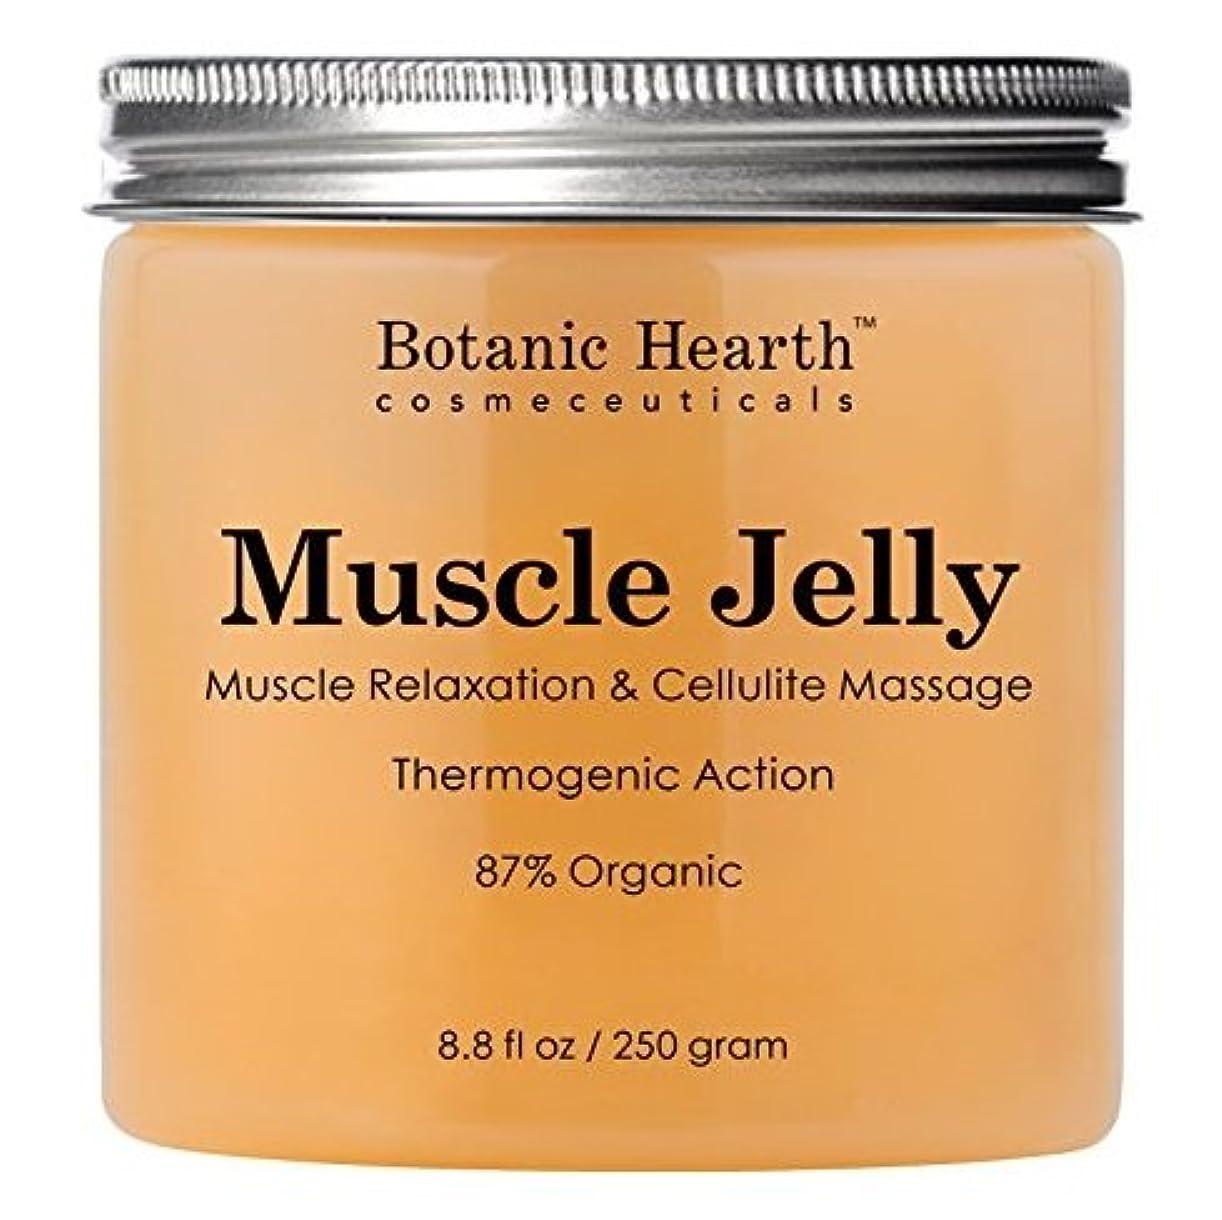 鼓舞するボアスポークスマン【2個】【海外直送品】Botanic Hearth Muscle Jelly Hot Cream 8.8 fl. oz.x2個セット